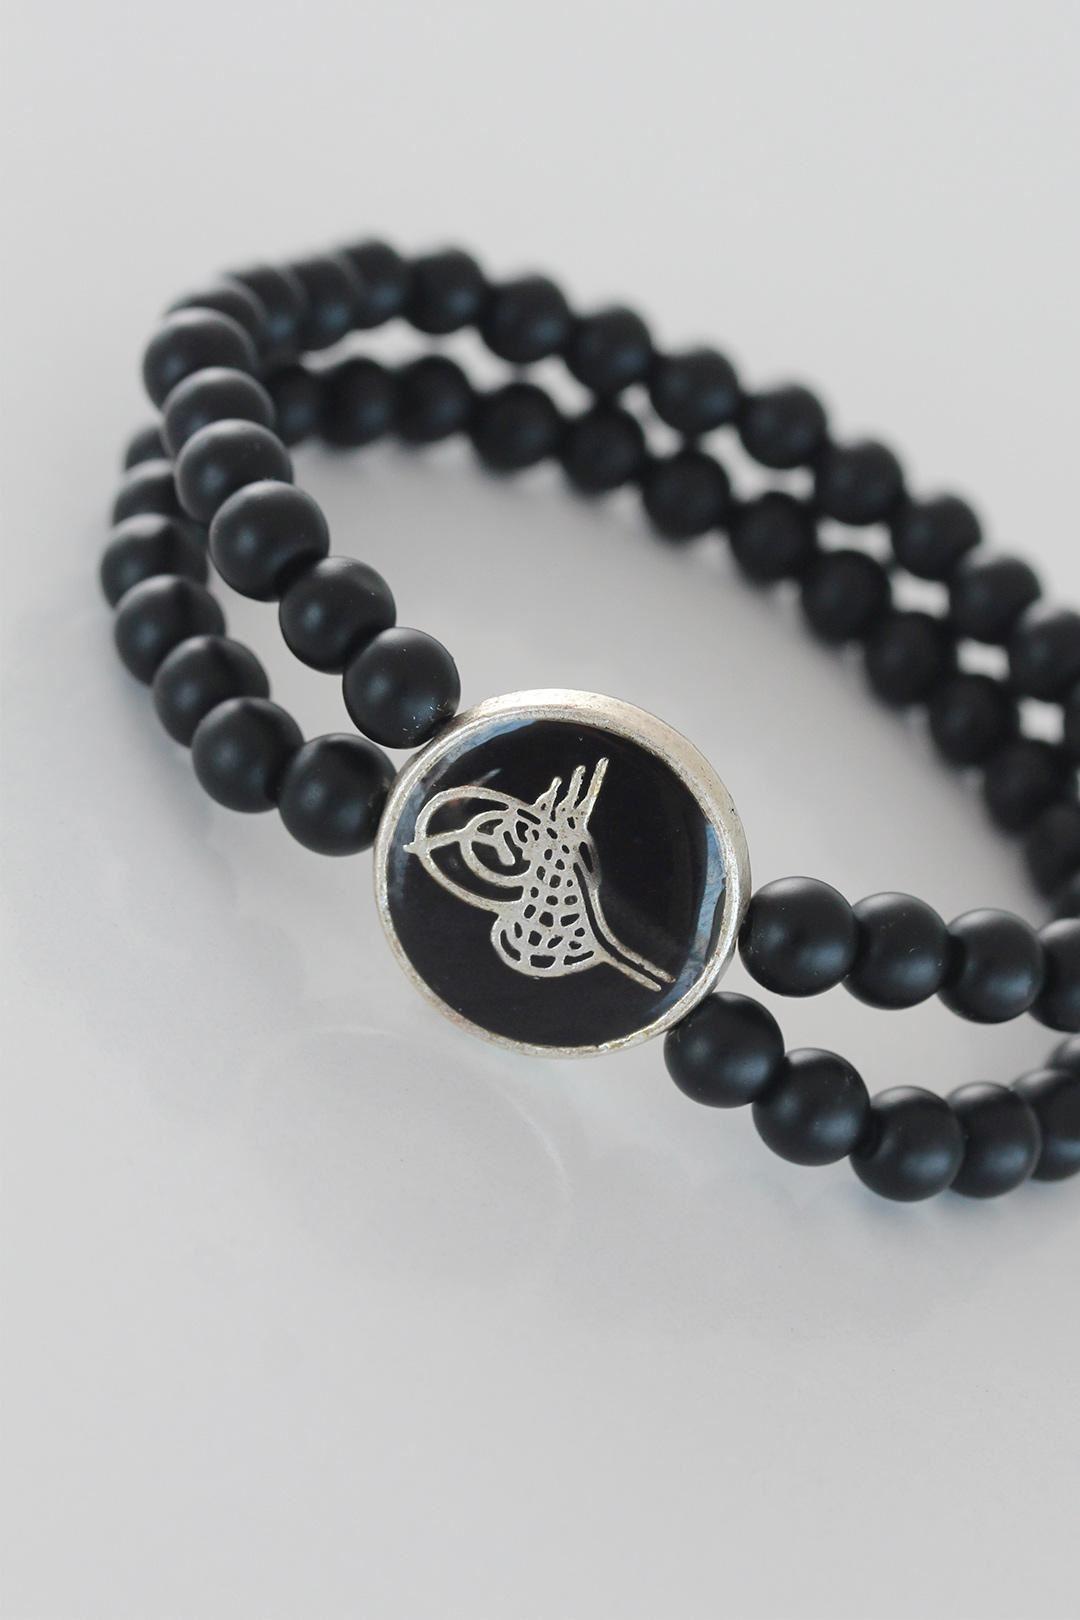 Siyah Metal Üzerine Silver Osmanlı Tuğra Figürlü Siyah Renk Çift Sıra Doğal Taş Erkek Bileklik